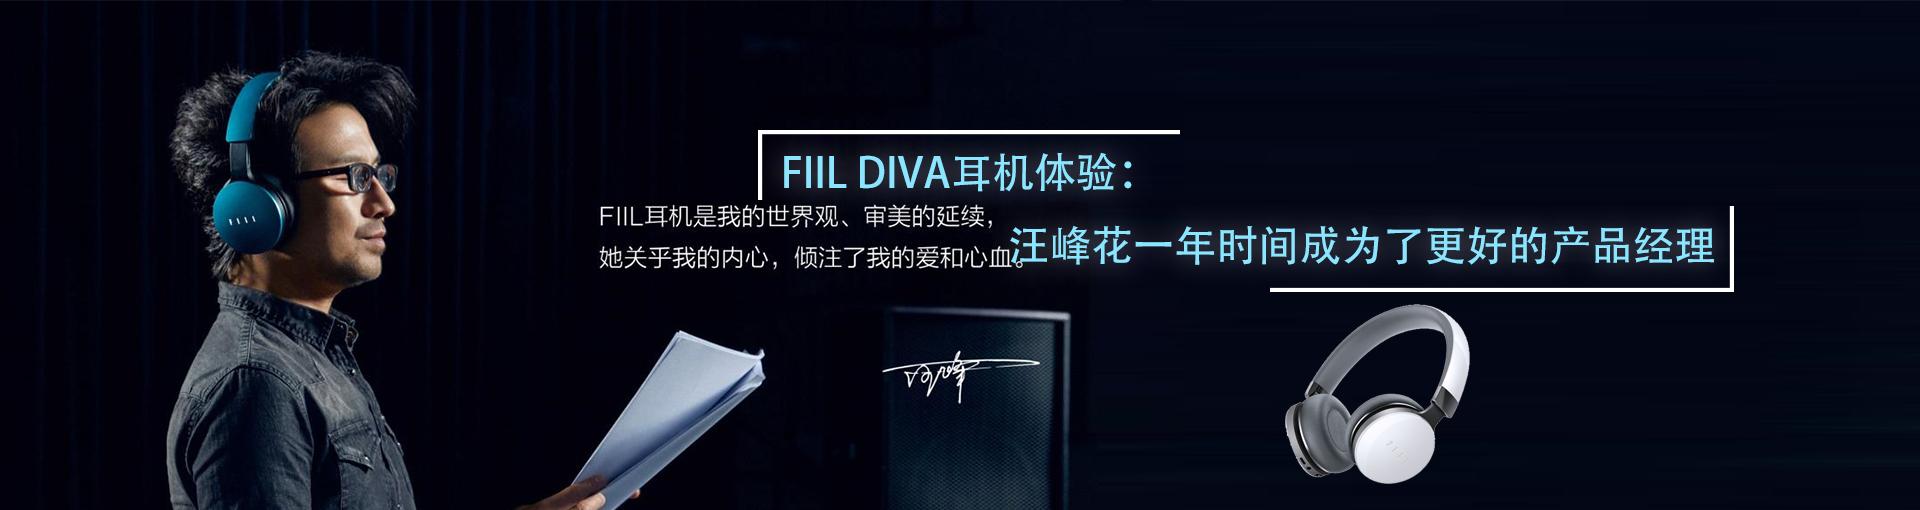 FIIL DIVA耳机体验:汪峰花一年时间成为了更好的产品经理